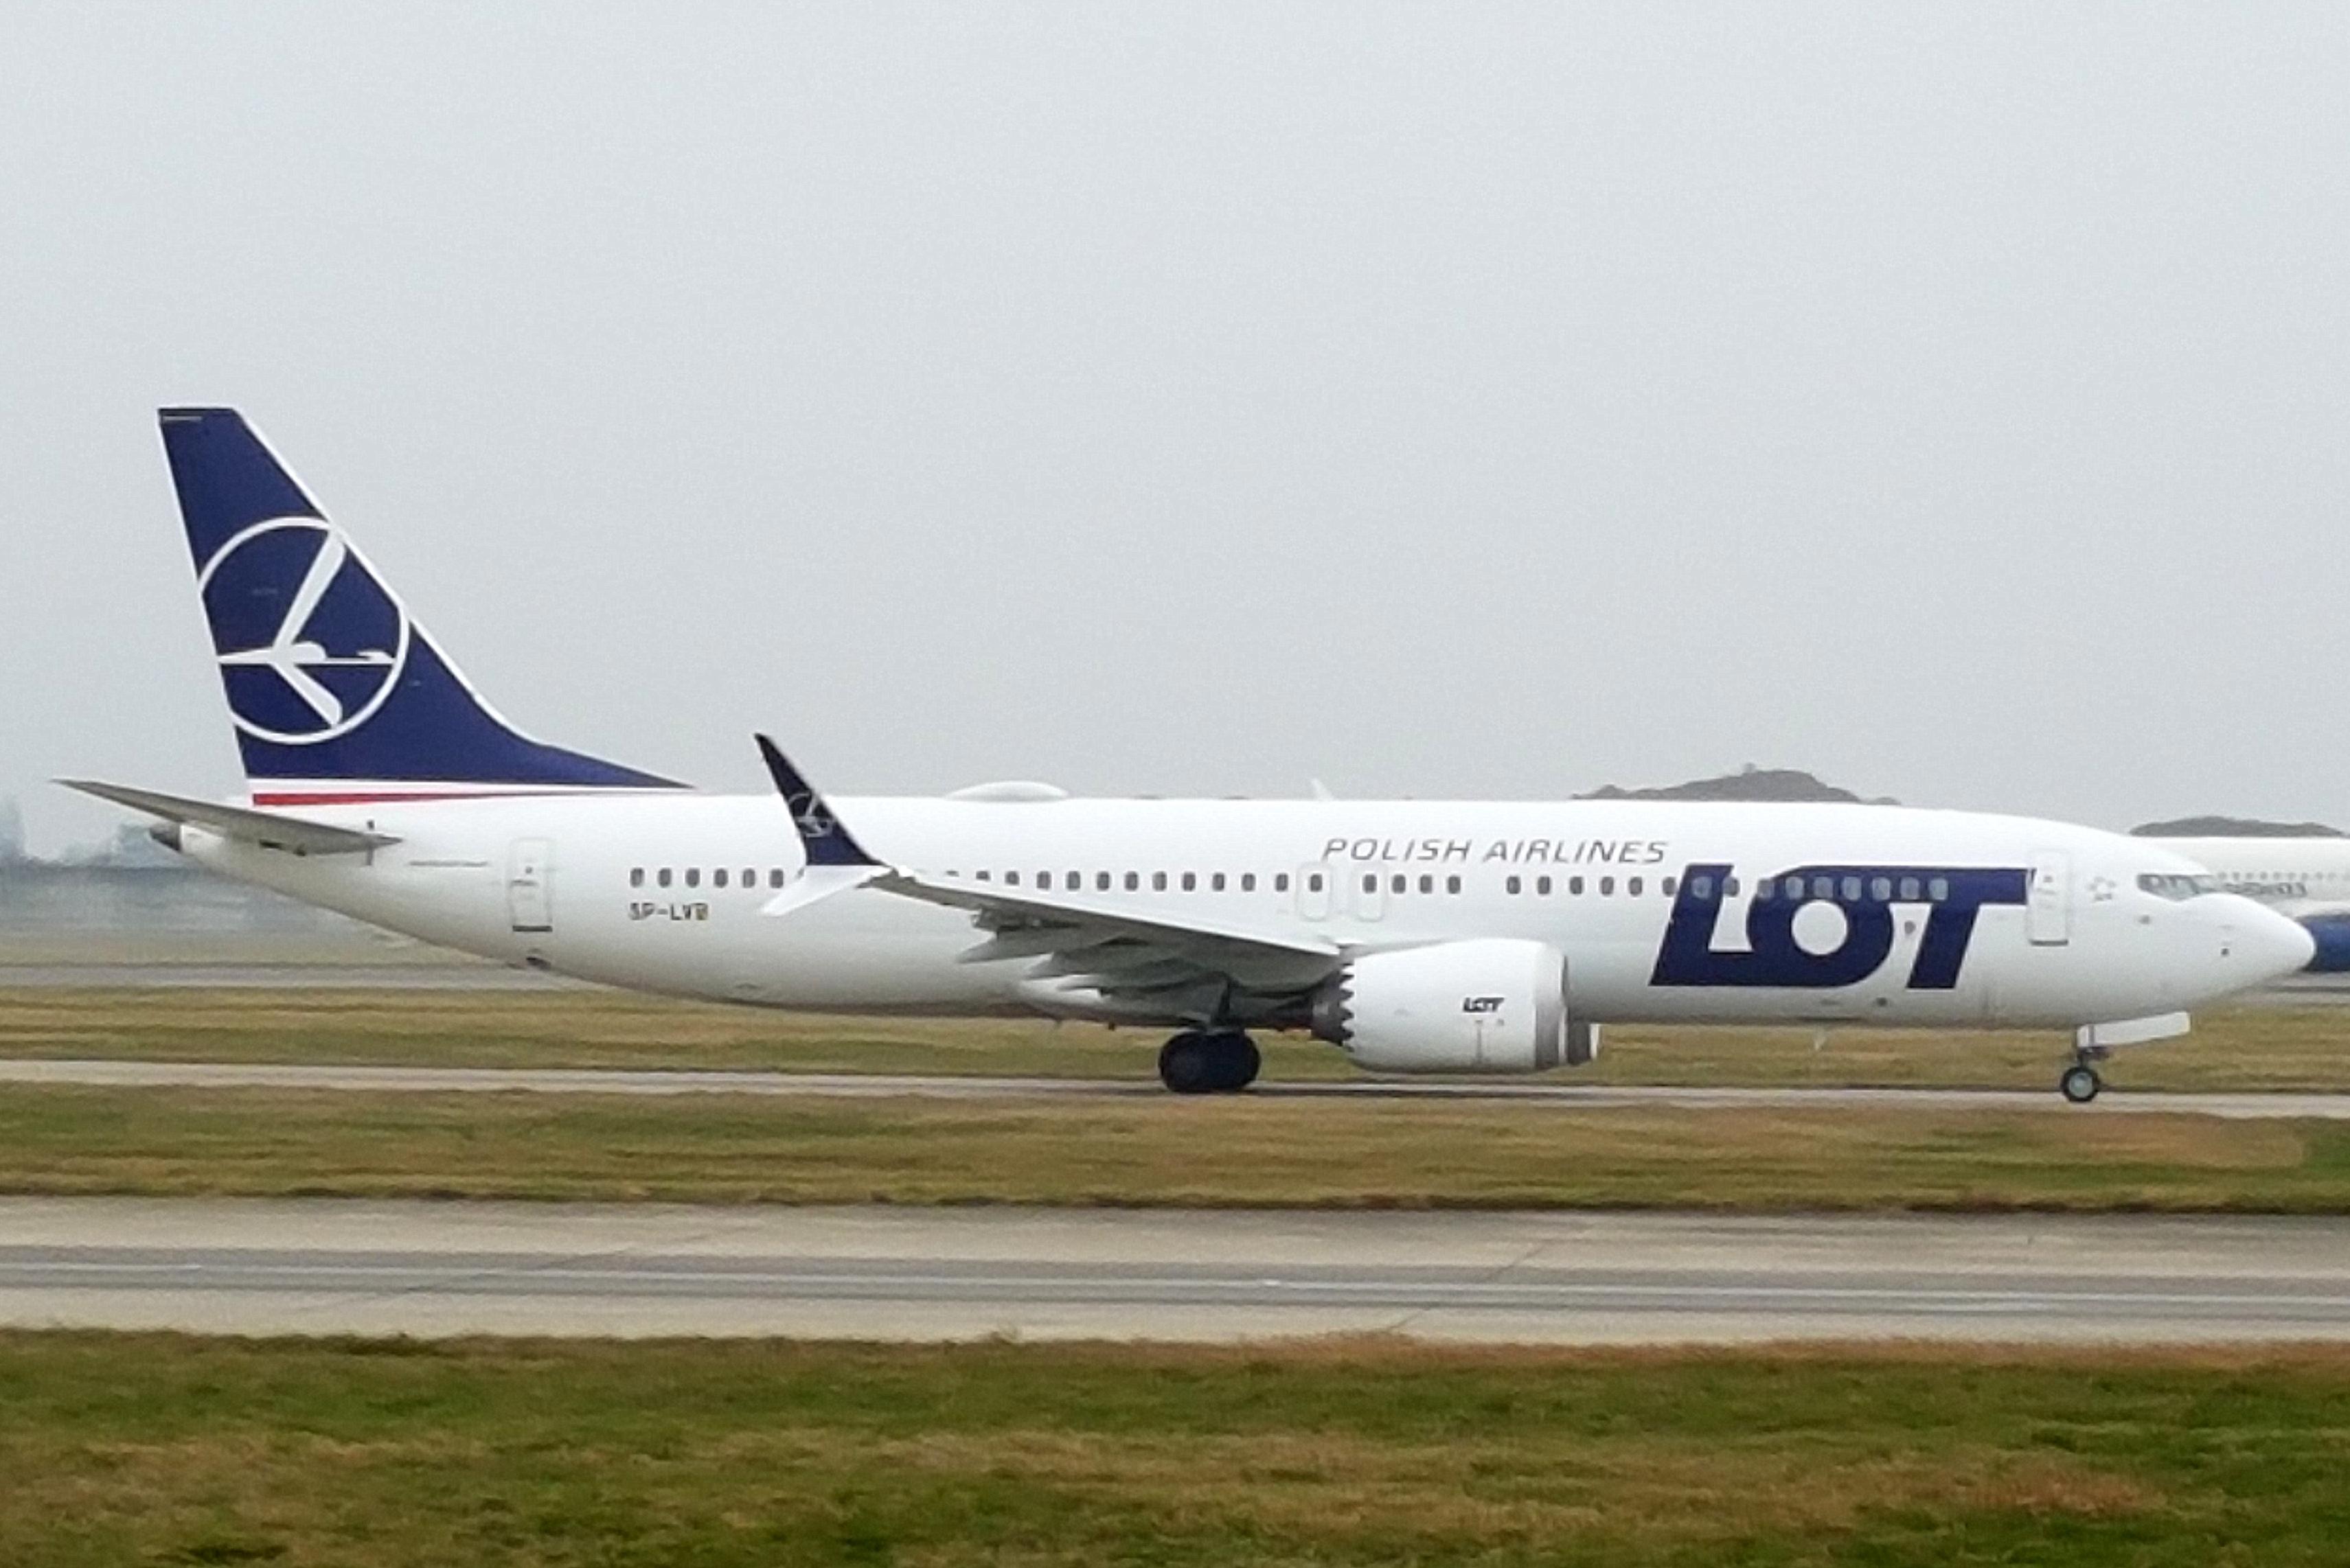 En Boeing 737-8 MAX fra det polske flyselskab LOT. Foto: John Taggart